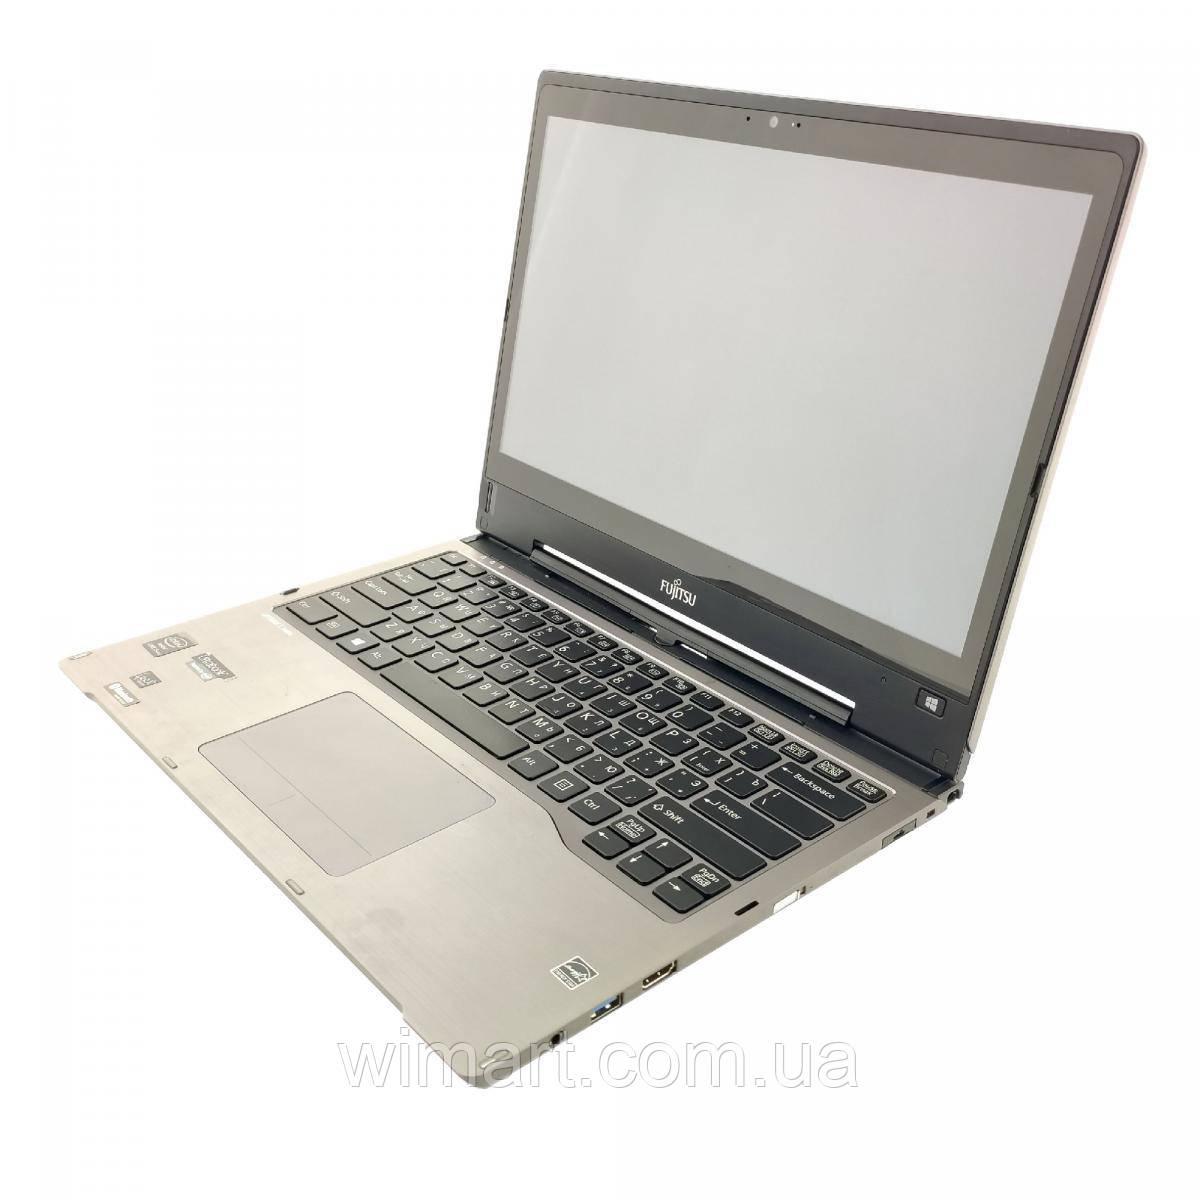 """Ноутбук Fujitsu T904 13"""" Intel i5-4300u 4GB DDR3 noHDD Б/У Клас Б"""